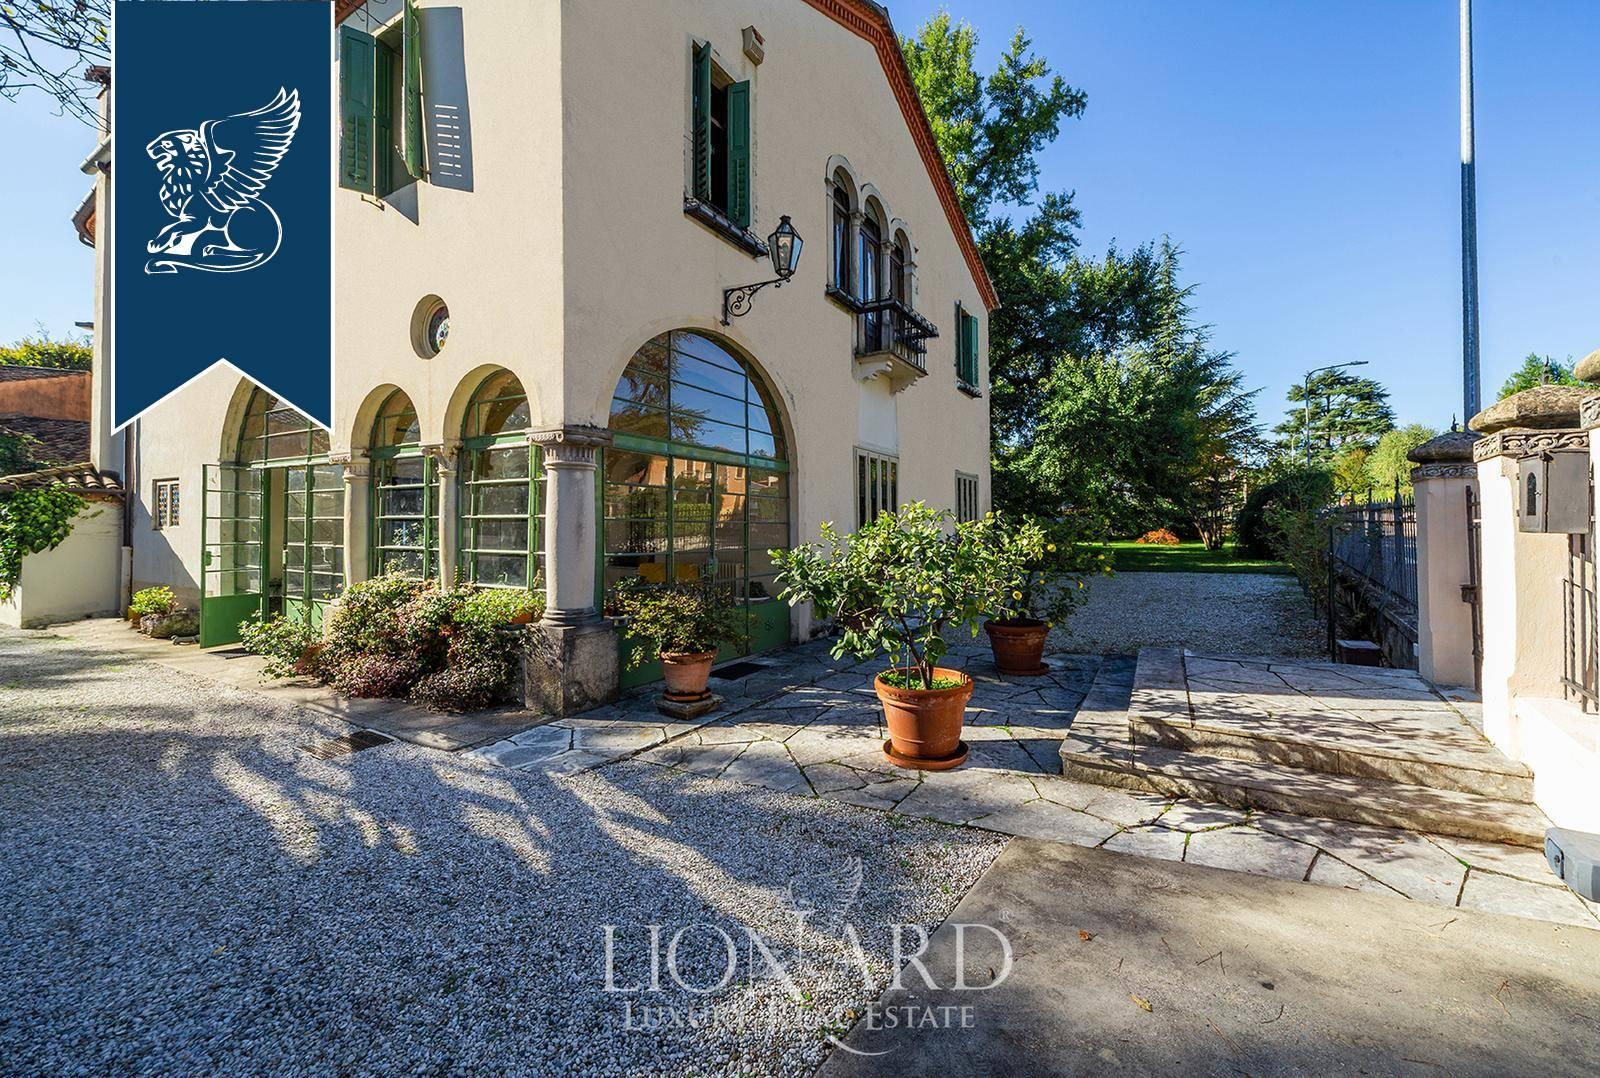 Appartamento in Vendita a Conegliano: 0 locali, 365 mq - Foto 5